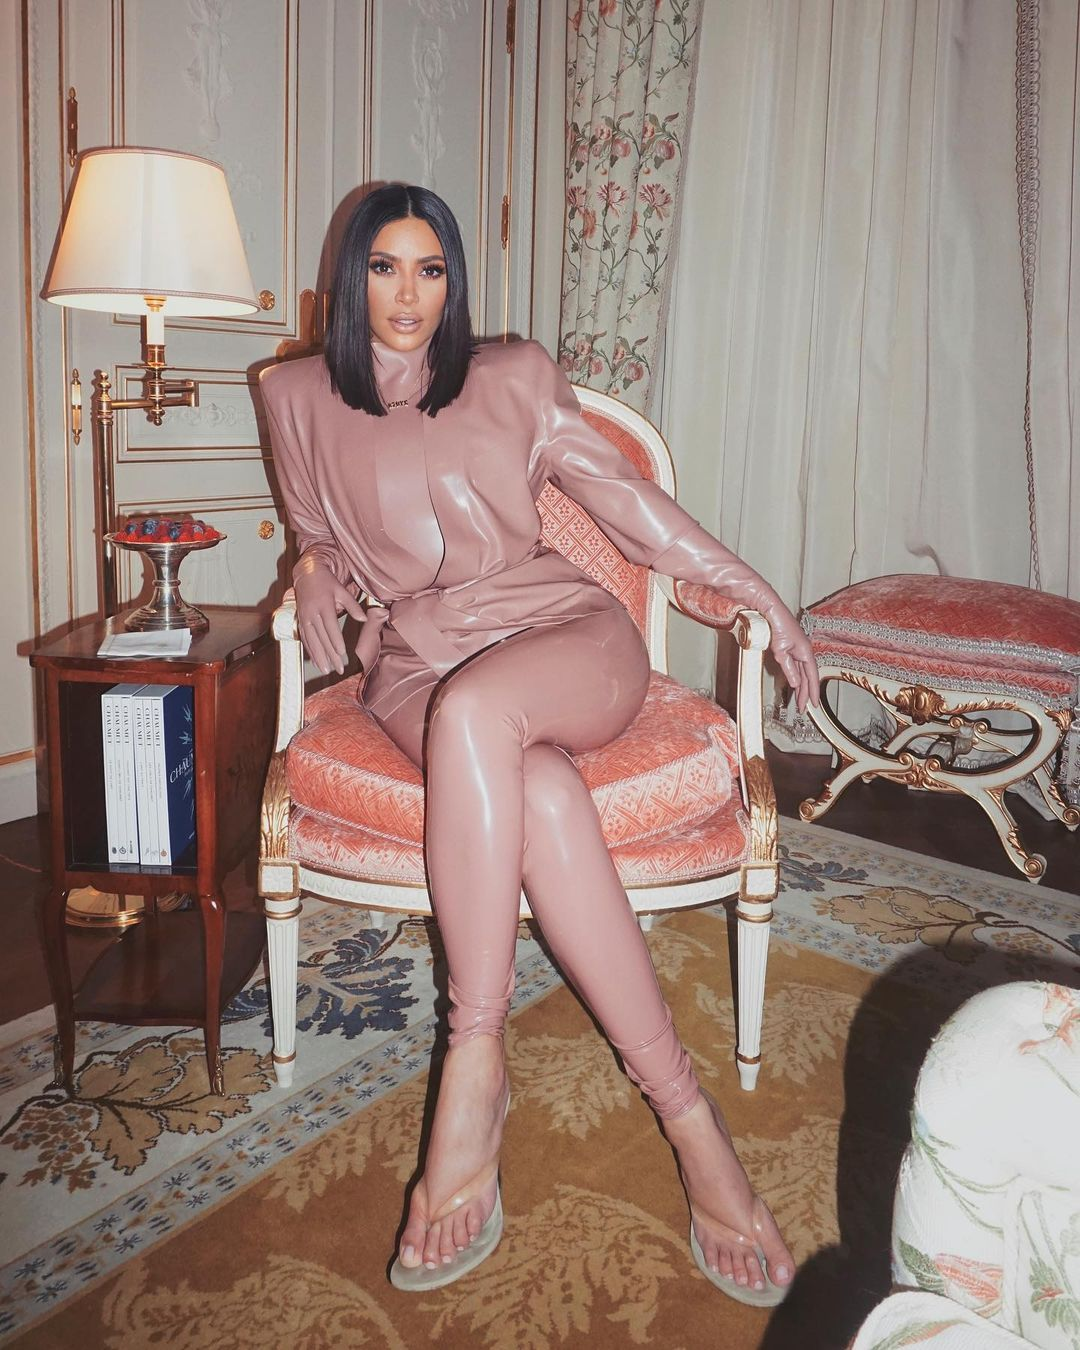 جاء قرار كيم بعد أيام من حصولها على لقب مليارديرة من فوربس-الصورة من أنستغرا